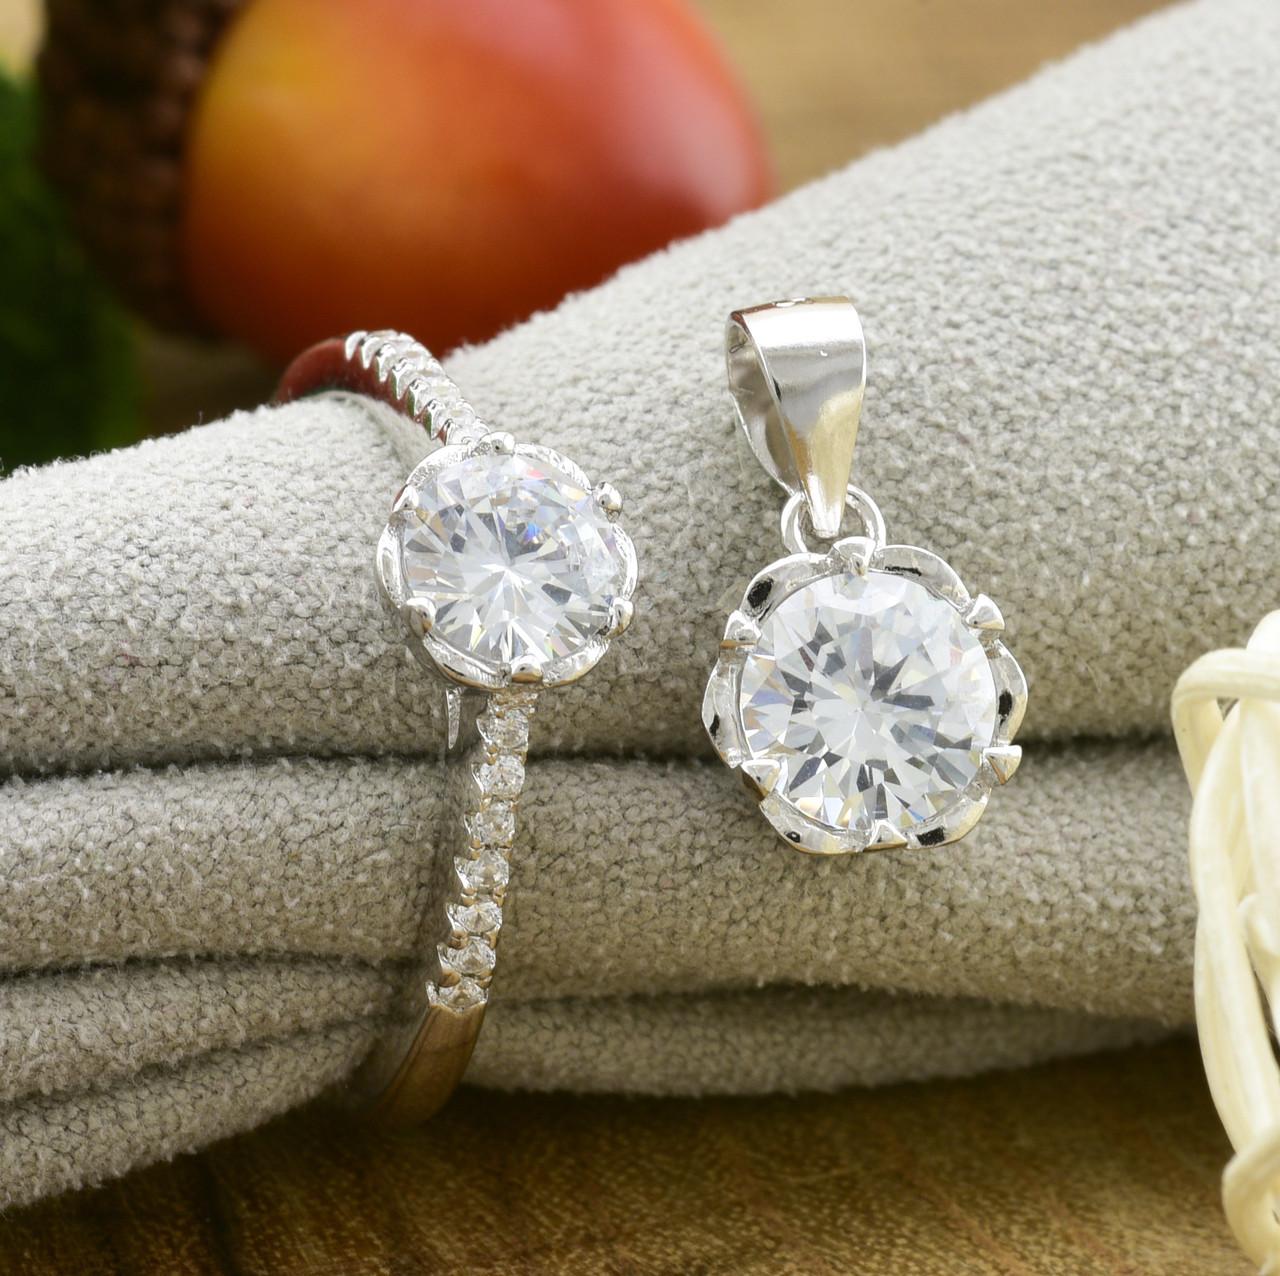 Серебряный набор ТС9510168н кольцо размер 18 + кулон 15х9 мм для цепочки шириной до 2 мм вставка белые фианиты